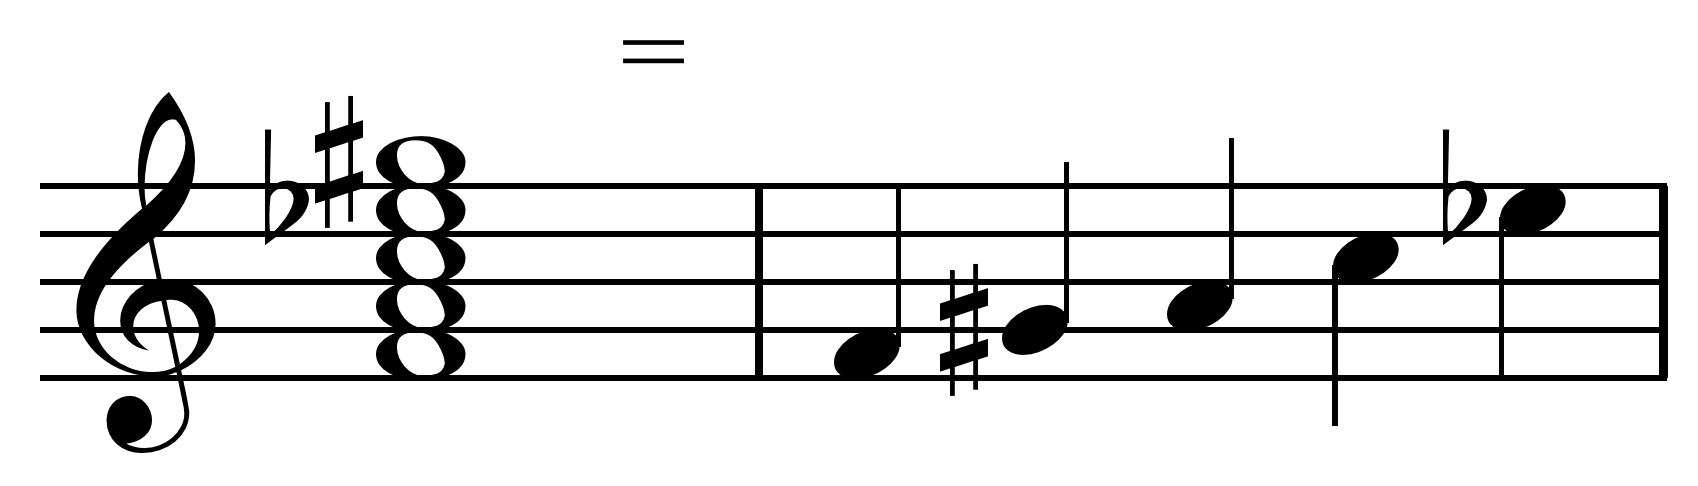 Filehendrix chord scaleg wikimedia commons filehendrix chord scaleg biocorpaavc Choice Image